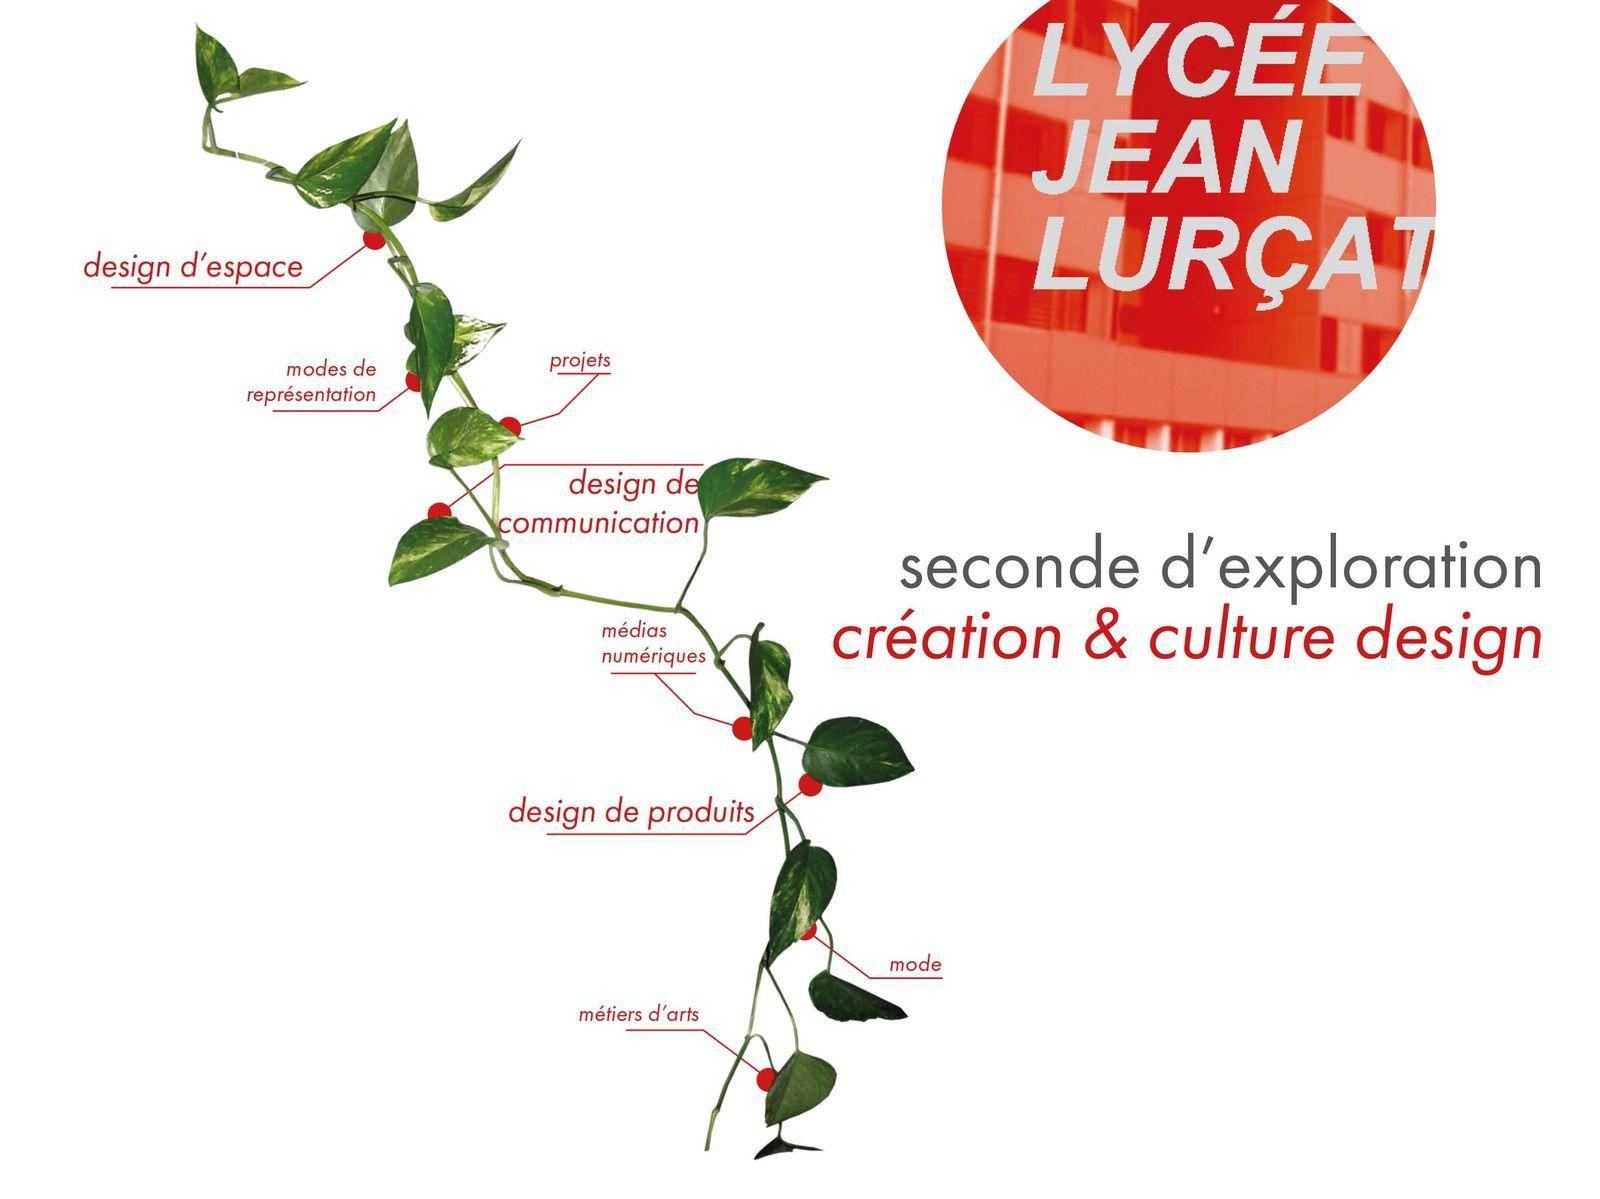 seconde d'exploration &quot&#x3B;création &amp&#x3B; culture design&quot&#x3B; &amp&#x3B; première STD2A au lycée Jean Lurçat de Perpignan